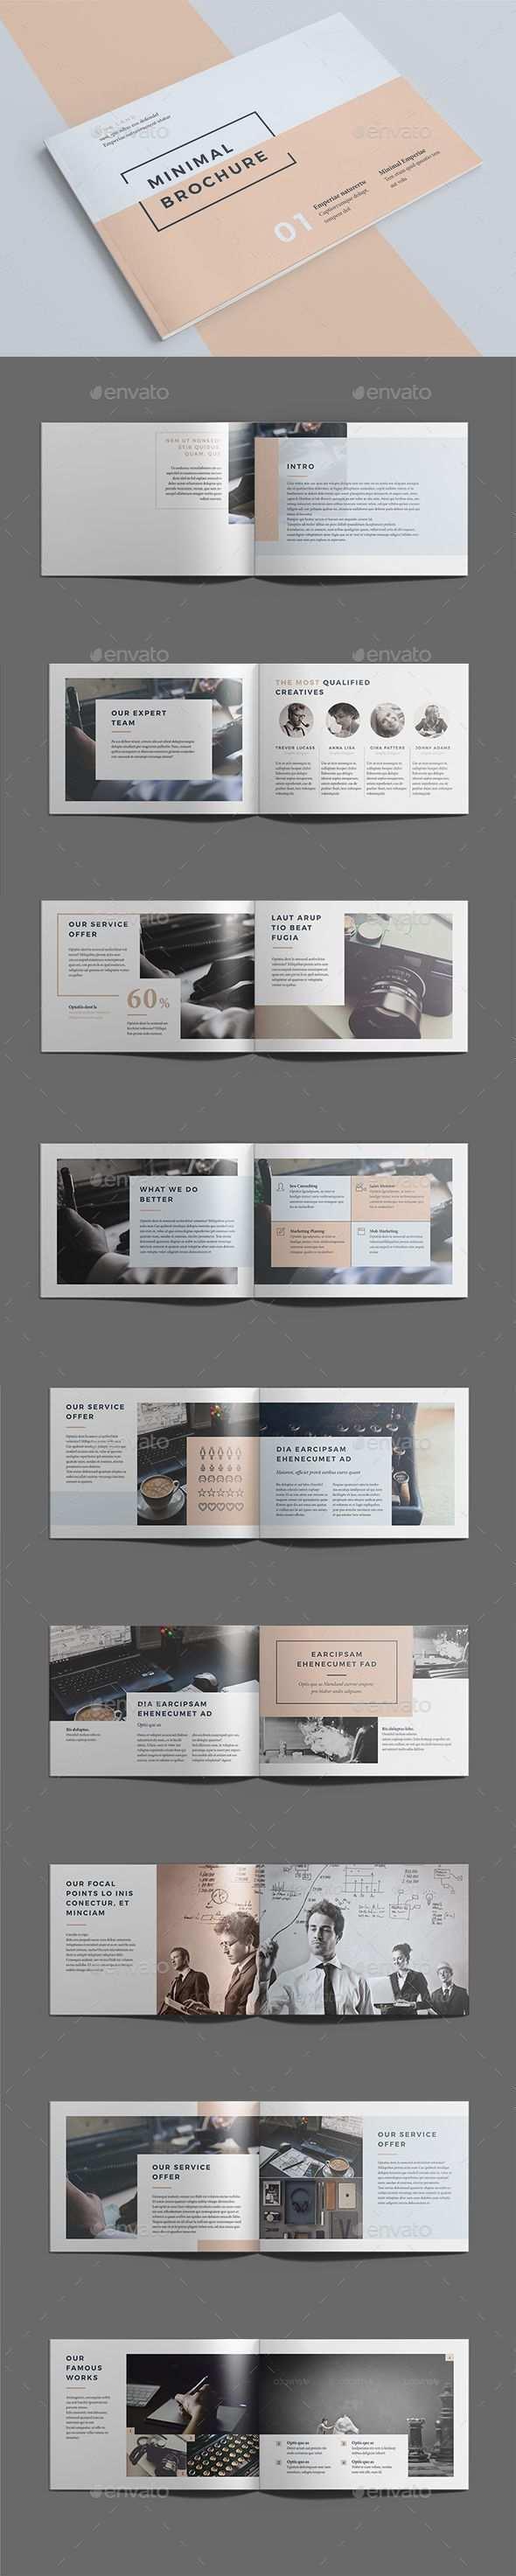 Minimal Brochure Template Indesign Indd Download Here Layouts Broschurendesign Broschure Vorlage Und Broschuren Layout